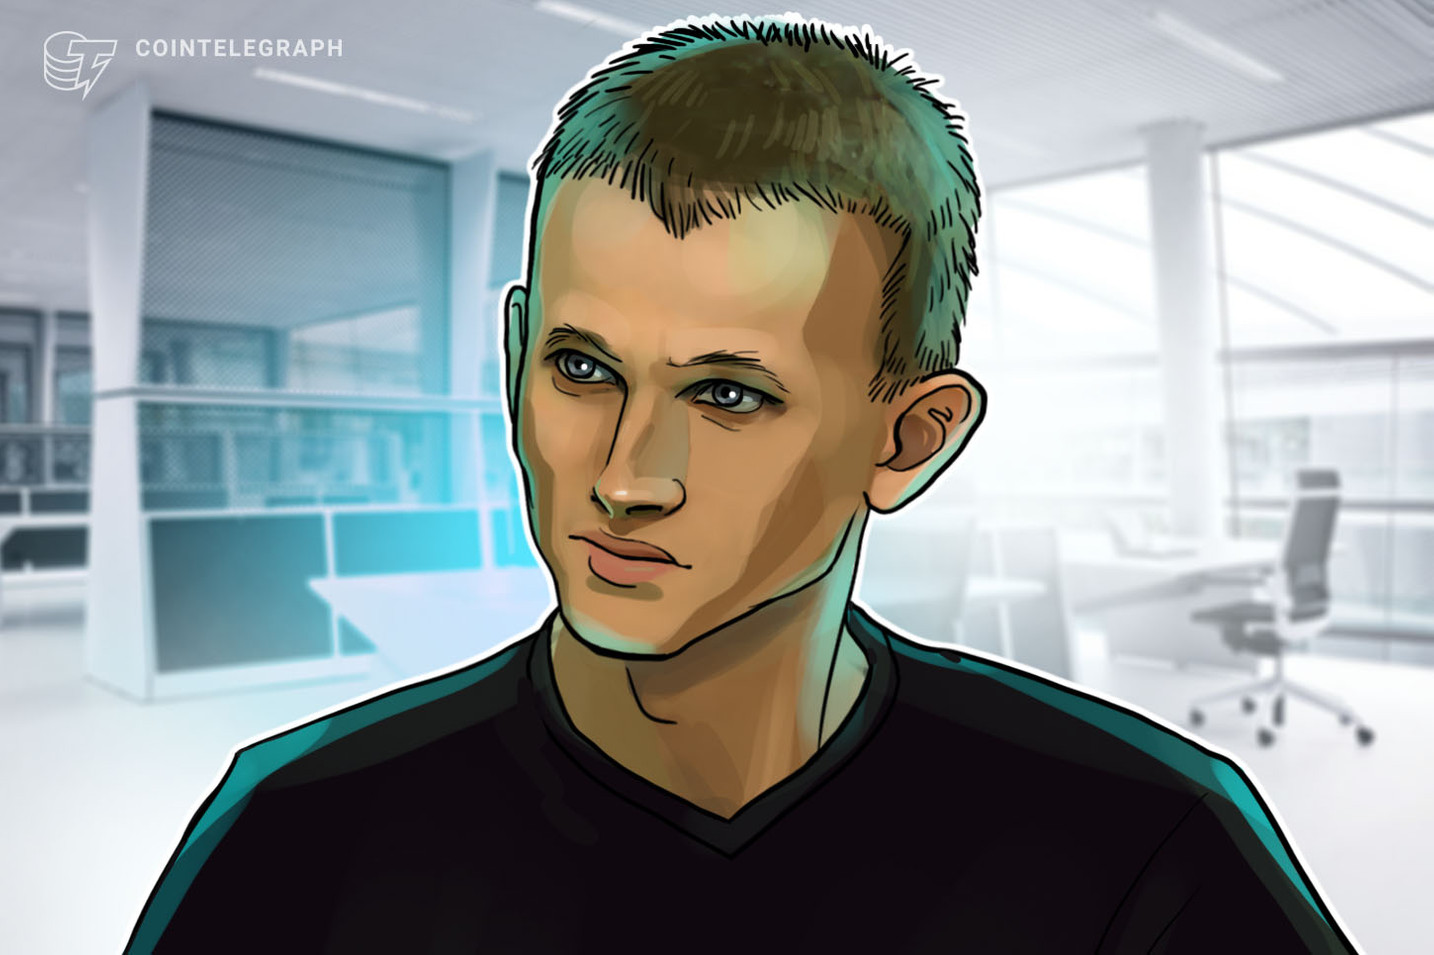 イーサリアムは、DeFi degensのDAppだけでなく革新する必要があります:Vitalik Buterin